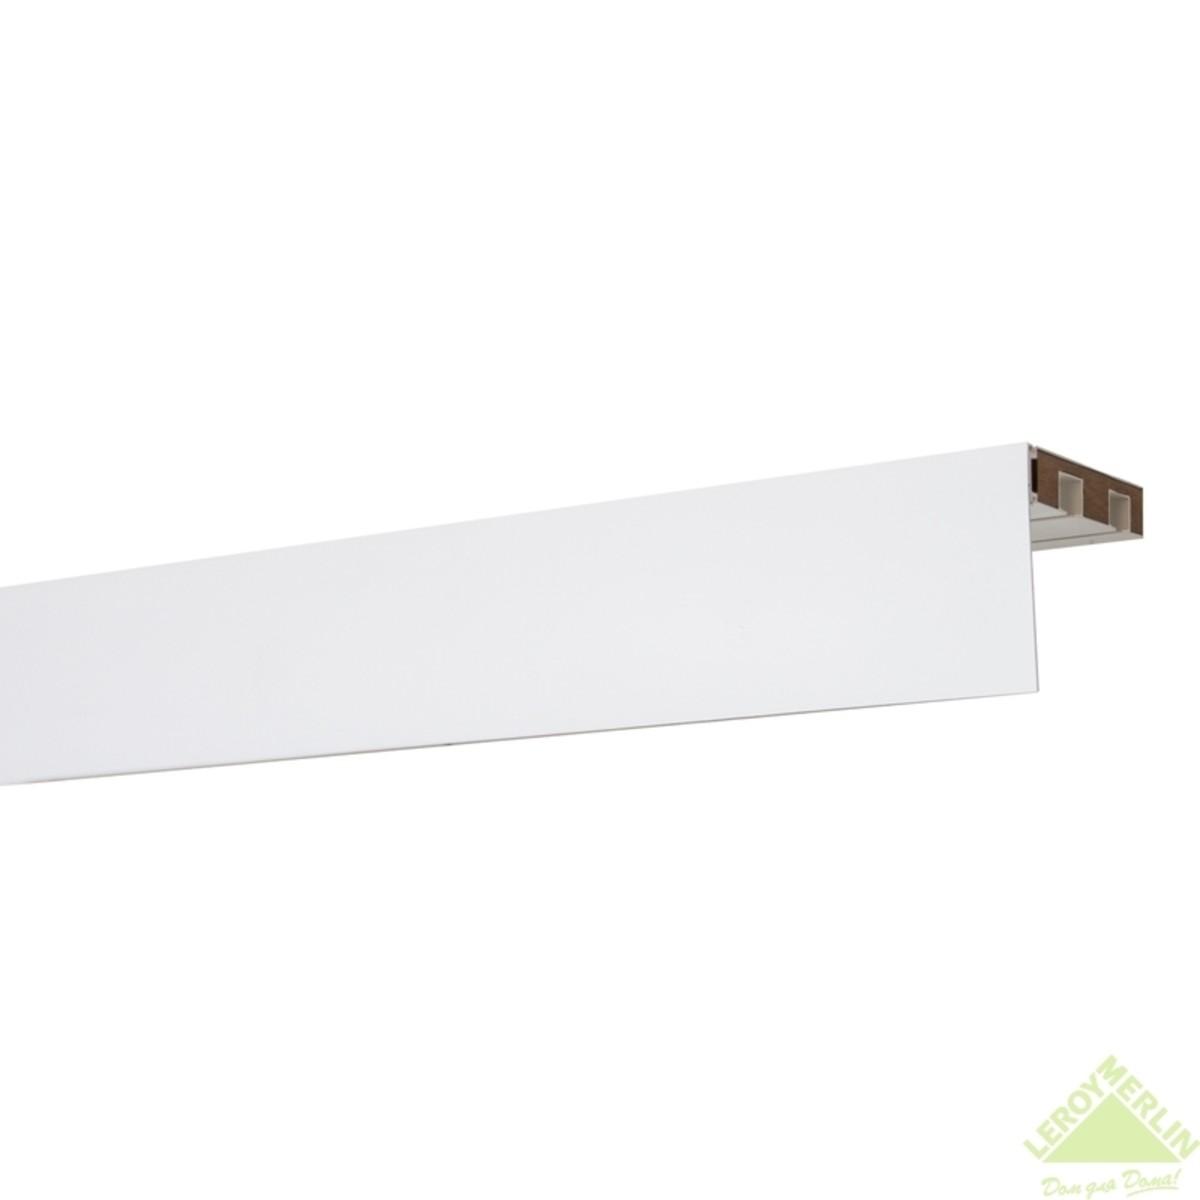 Бленда 75 мм для пластикового карниза белый глянец 1 пог.м